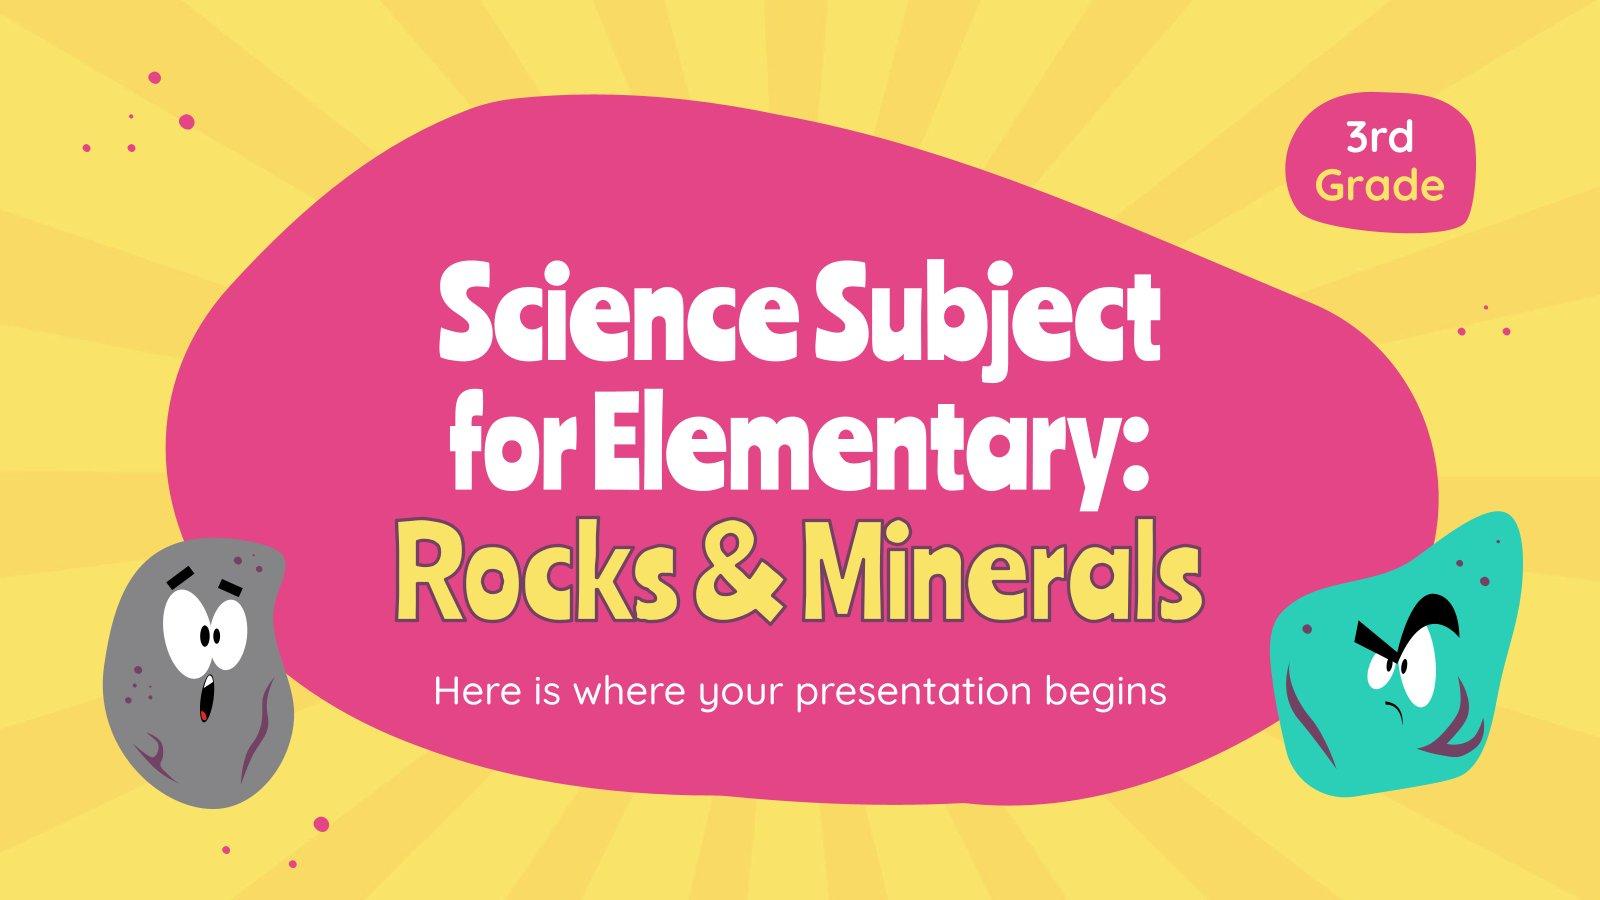 Wissenschaft für die 3. Klasse: Gesteine & Mineralien Präsentationsvorlage